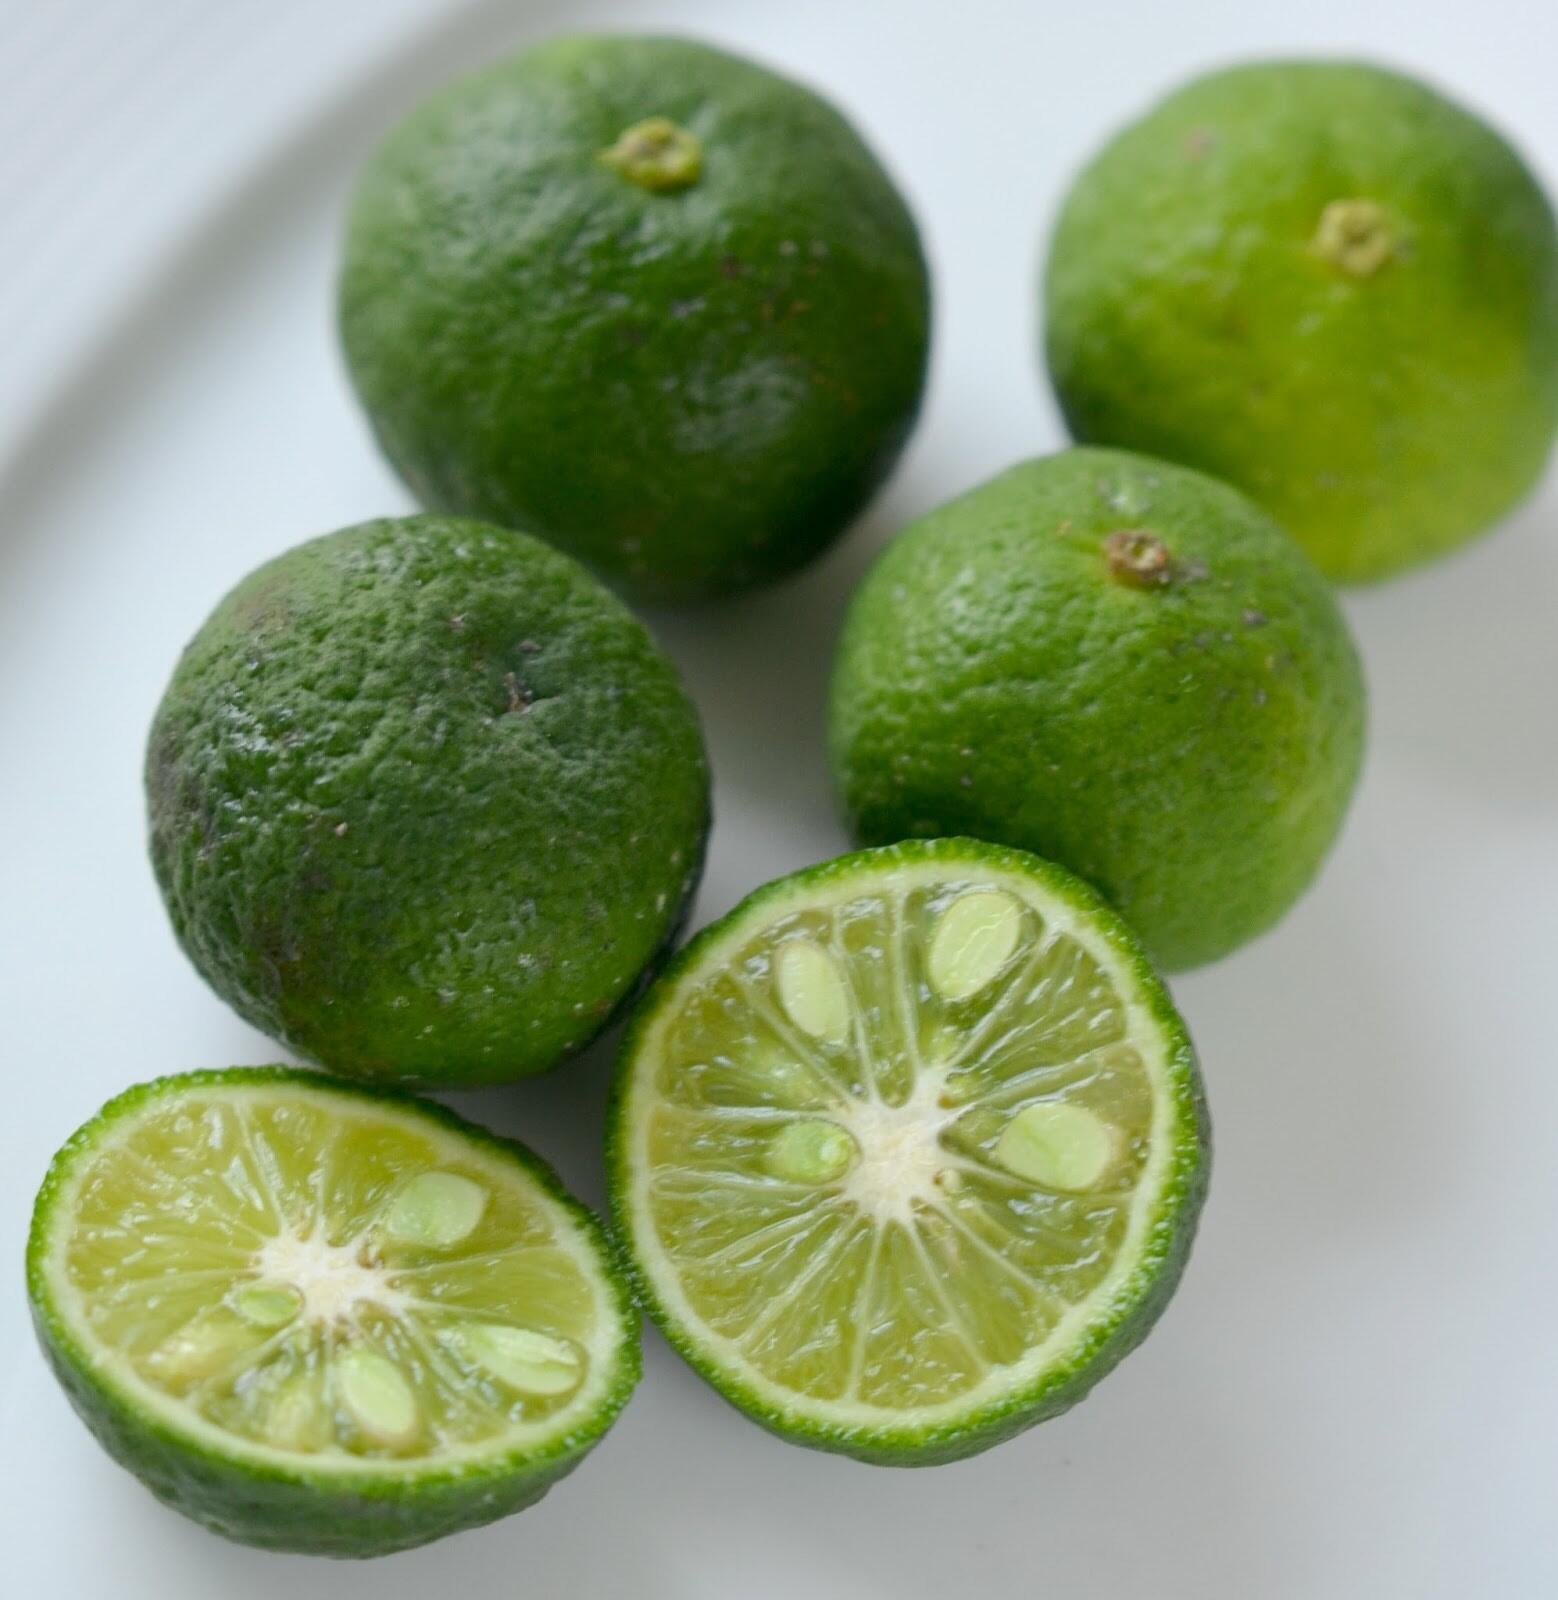 Awas Keliru, Ini 5 Jenis Jeruk yang Biasa Dipakai dalam Masakan!